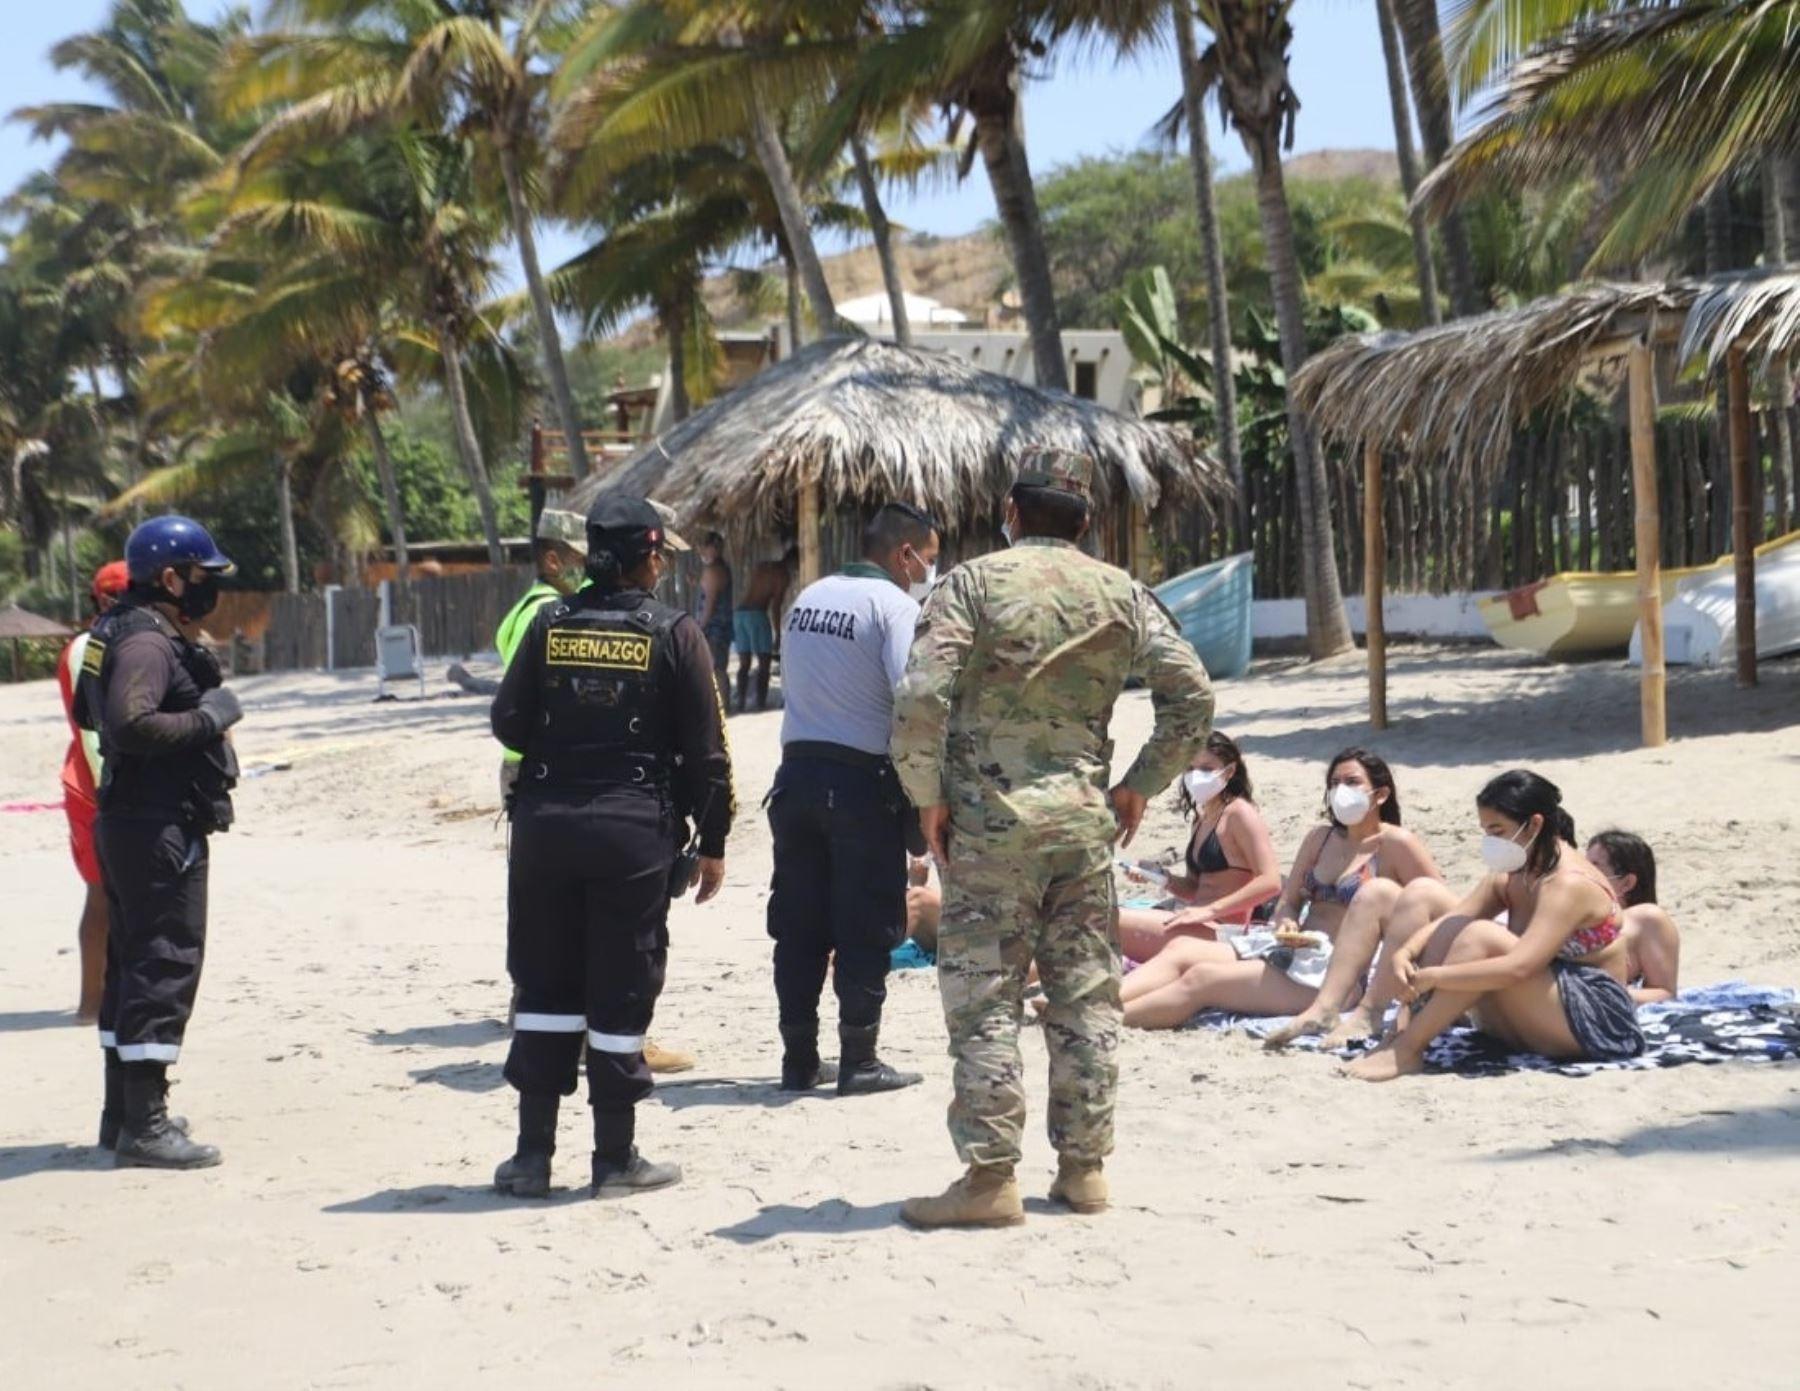 En Máncora se regula el aforo de visitantes a las playas de este balneario turístico de Piura.